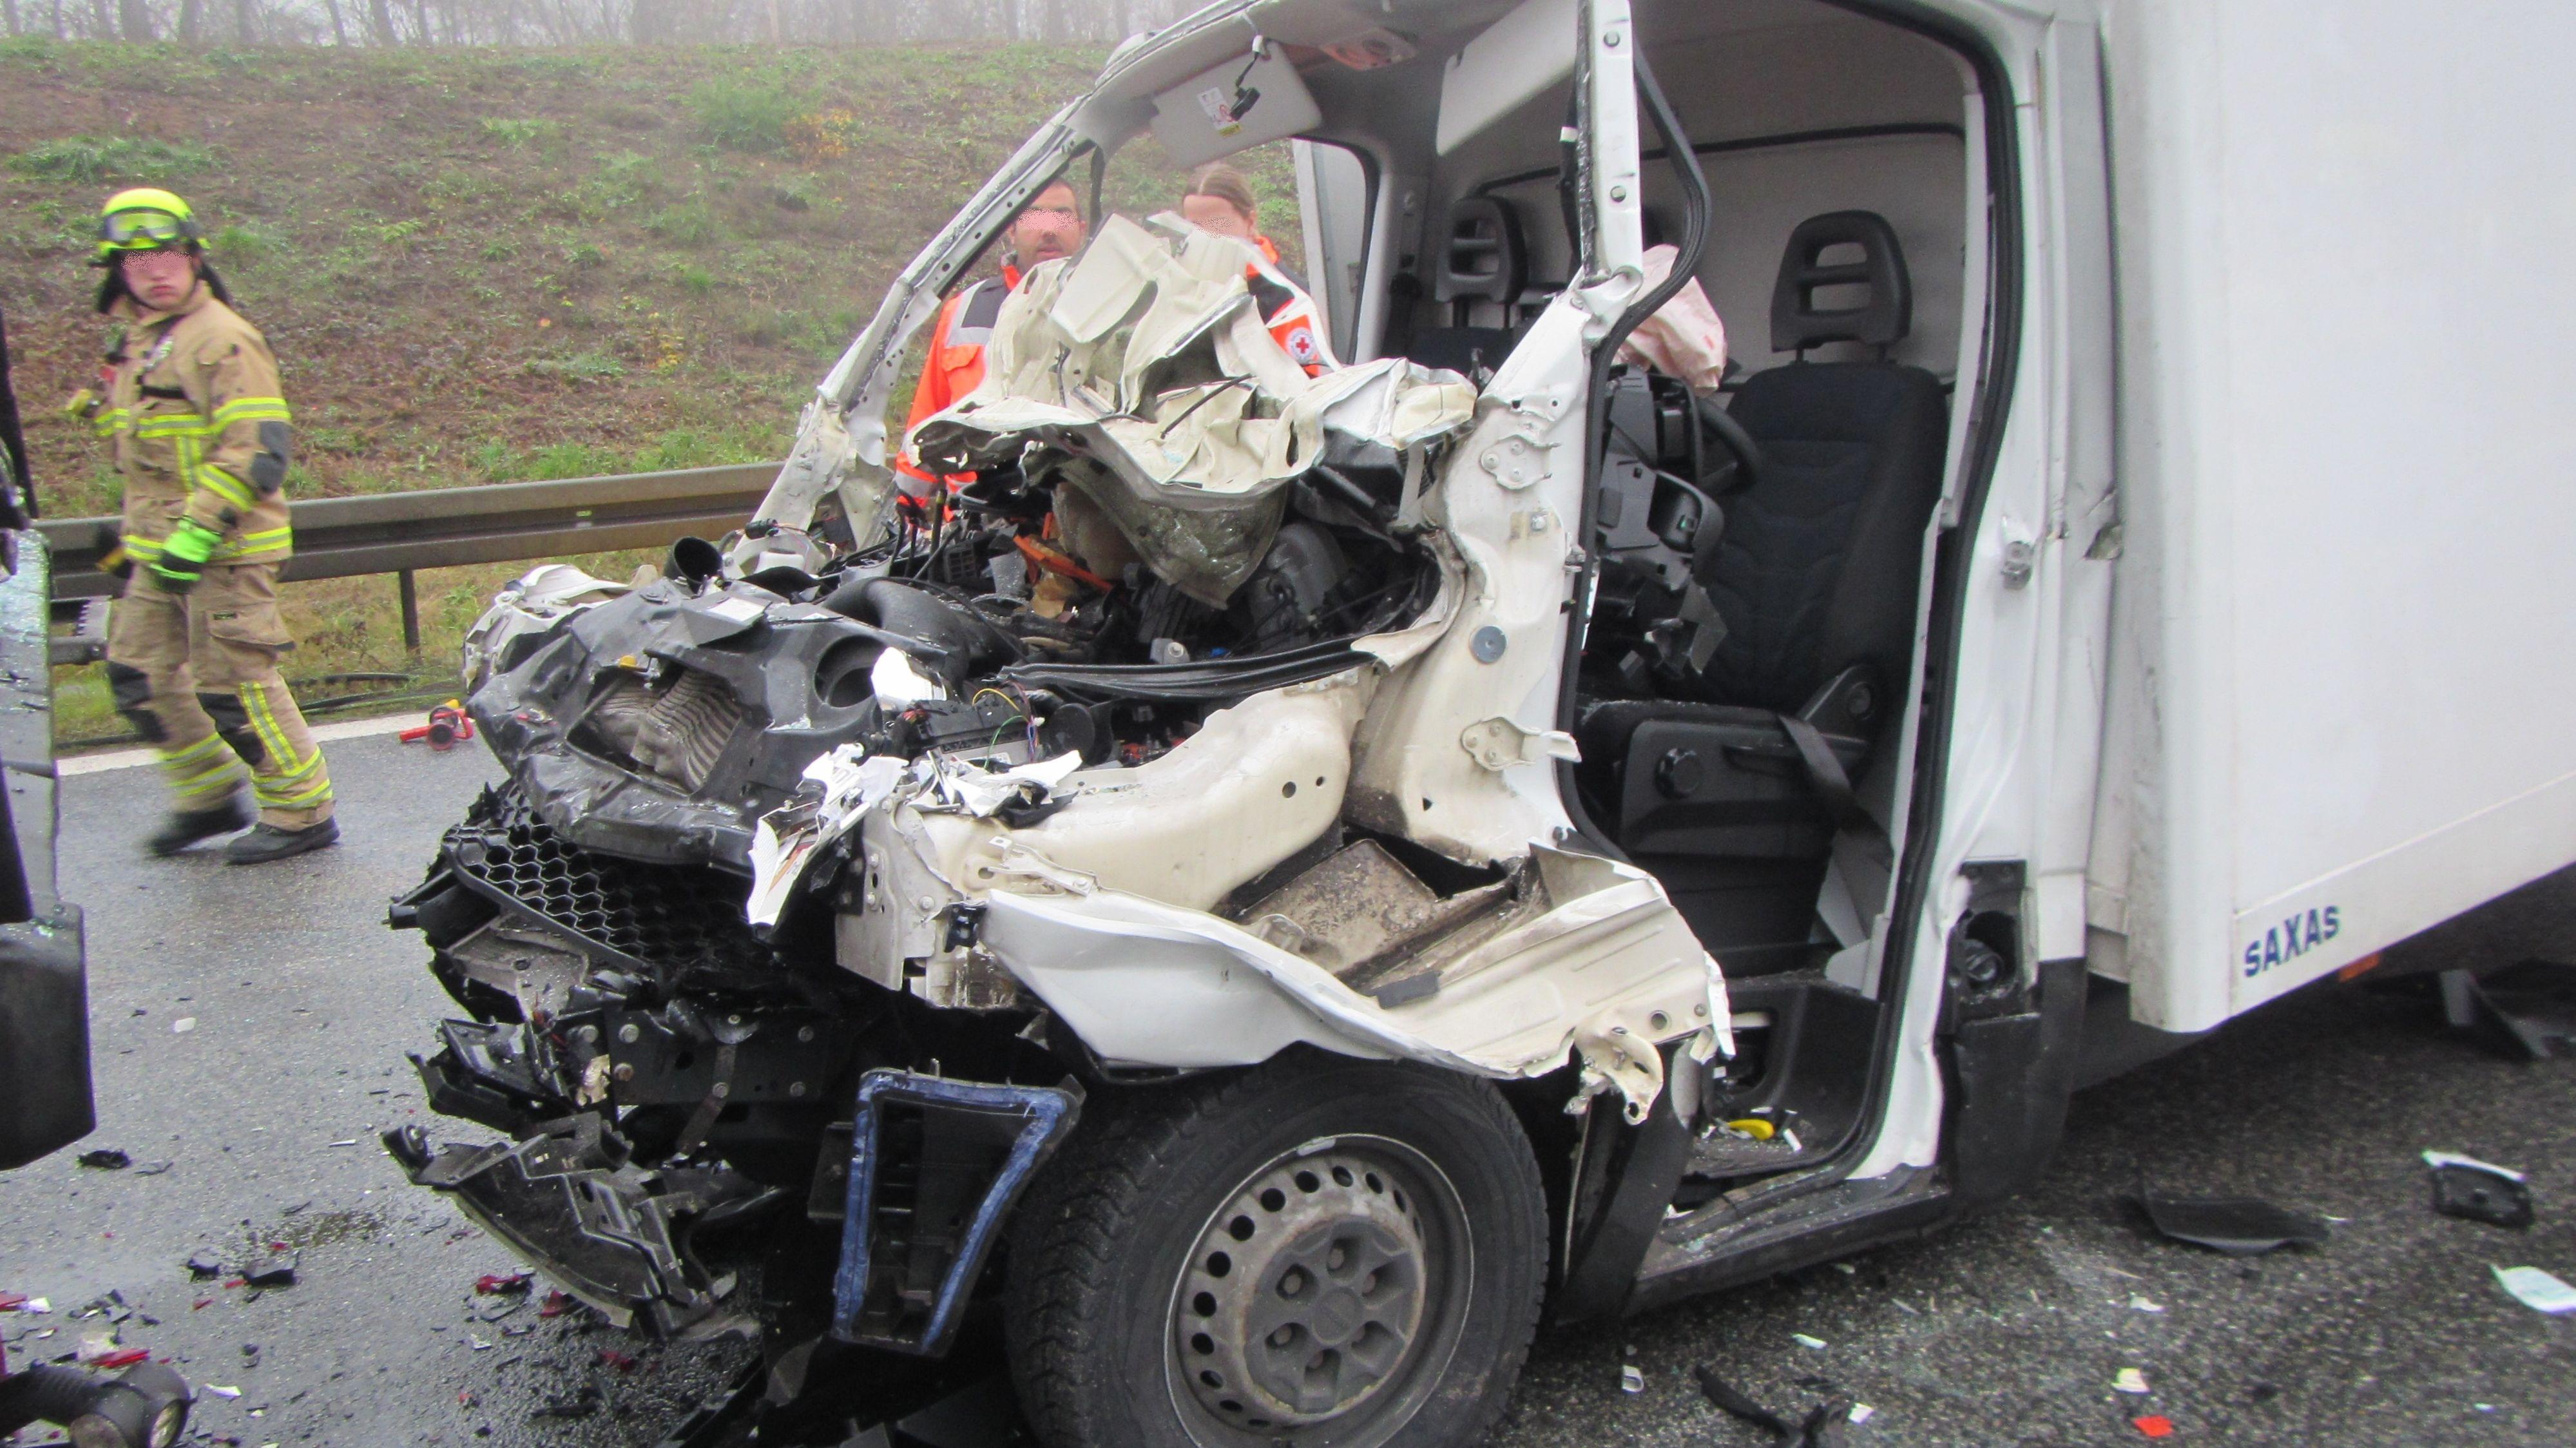 Bei dem Unfall auf der A3 wurde ein 26-Jähriger lebensgefährlich verletzt.